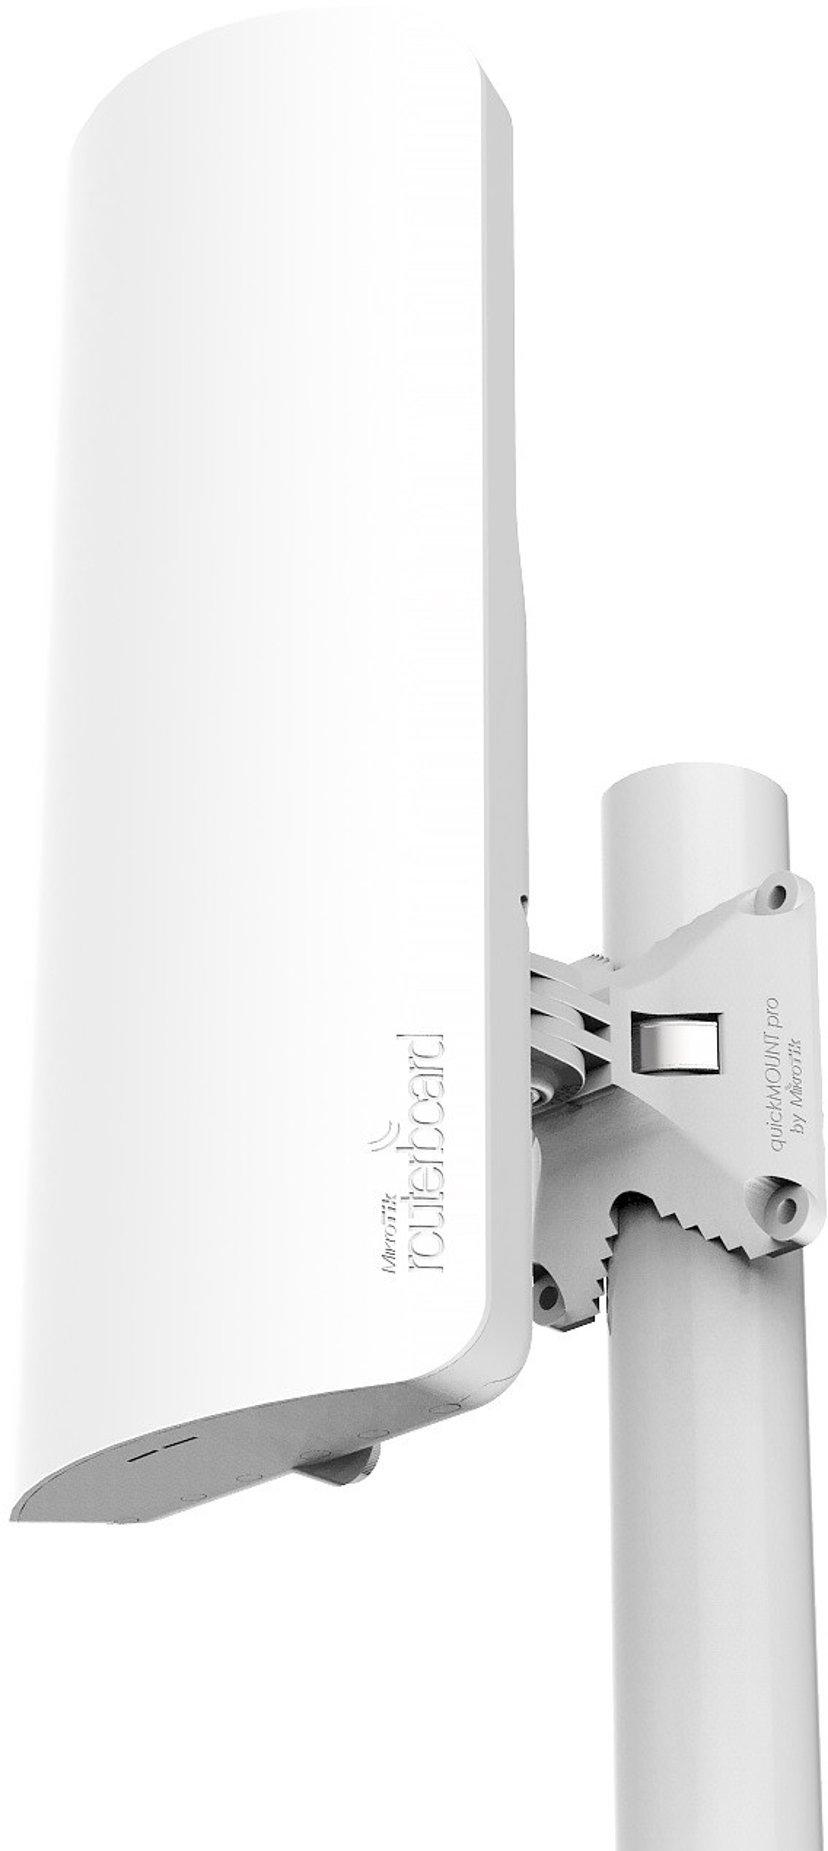 Mikrotik mANT 15s 5GHz 15dBi WiFi Antenna